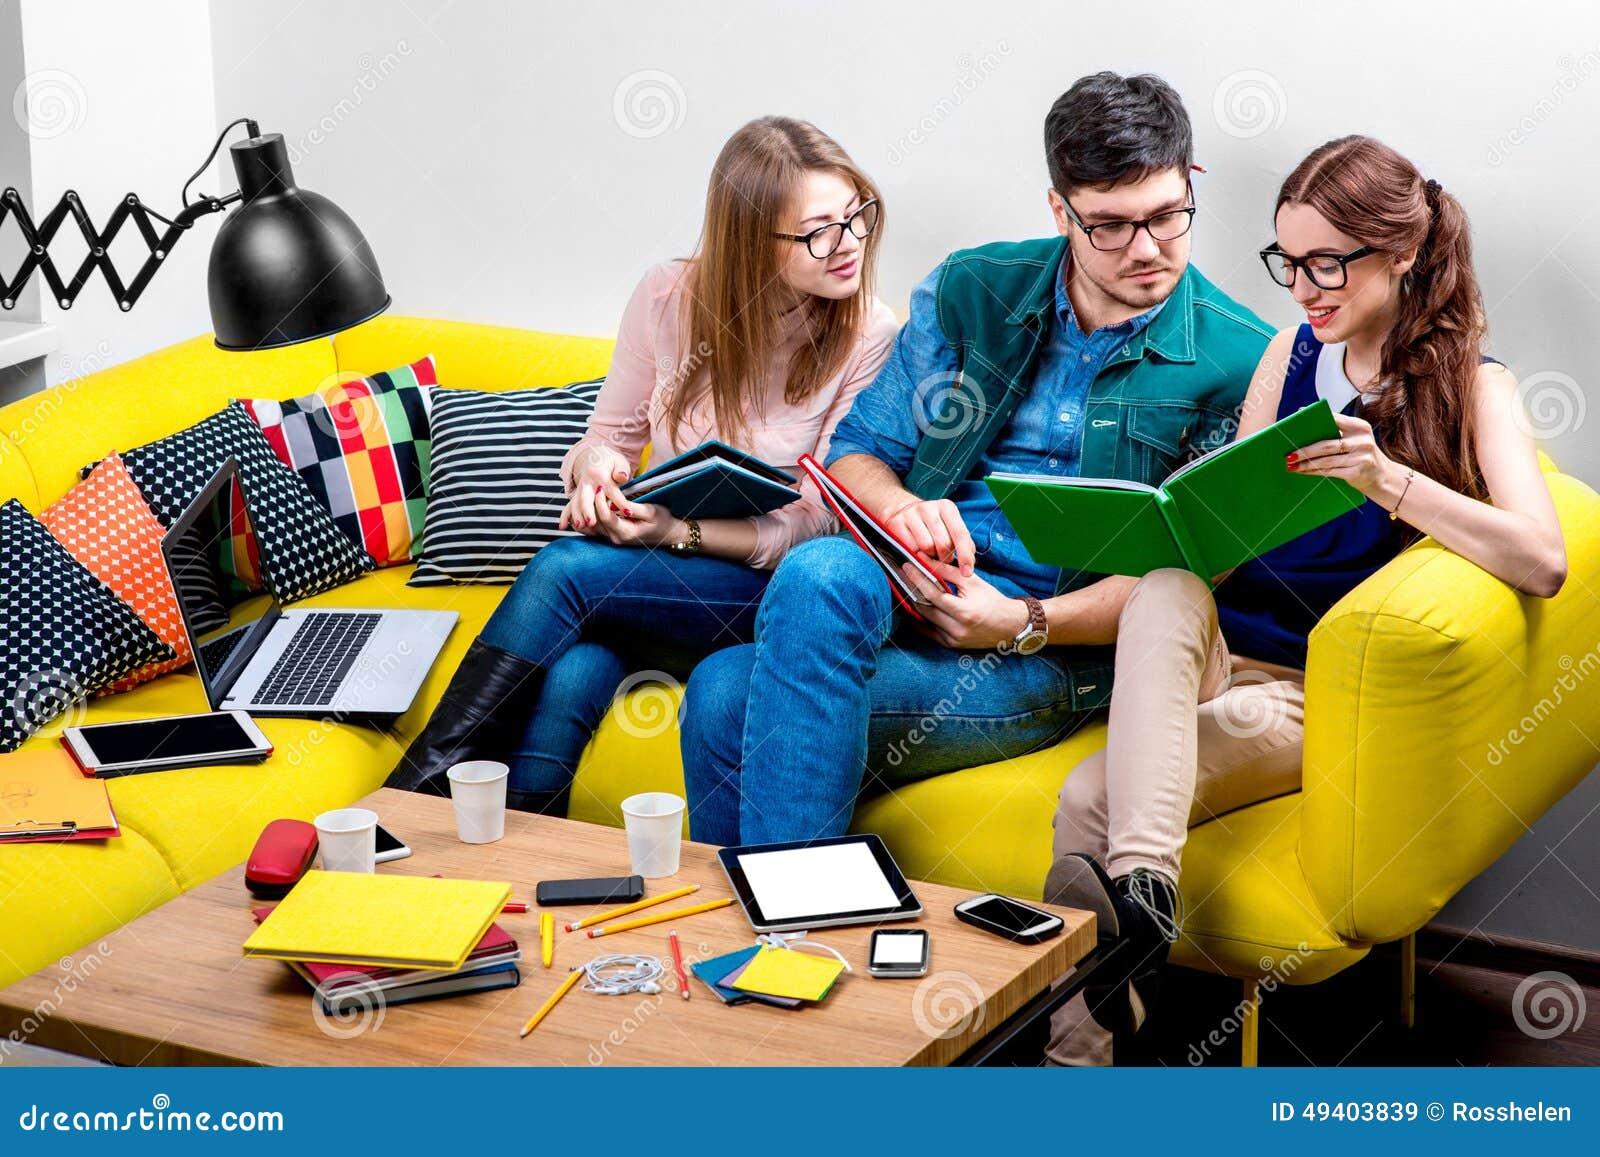 Download Studenten, Die An Der Couch Arbeiten Stockbild - Bild von entwerfer, computer: 49403839